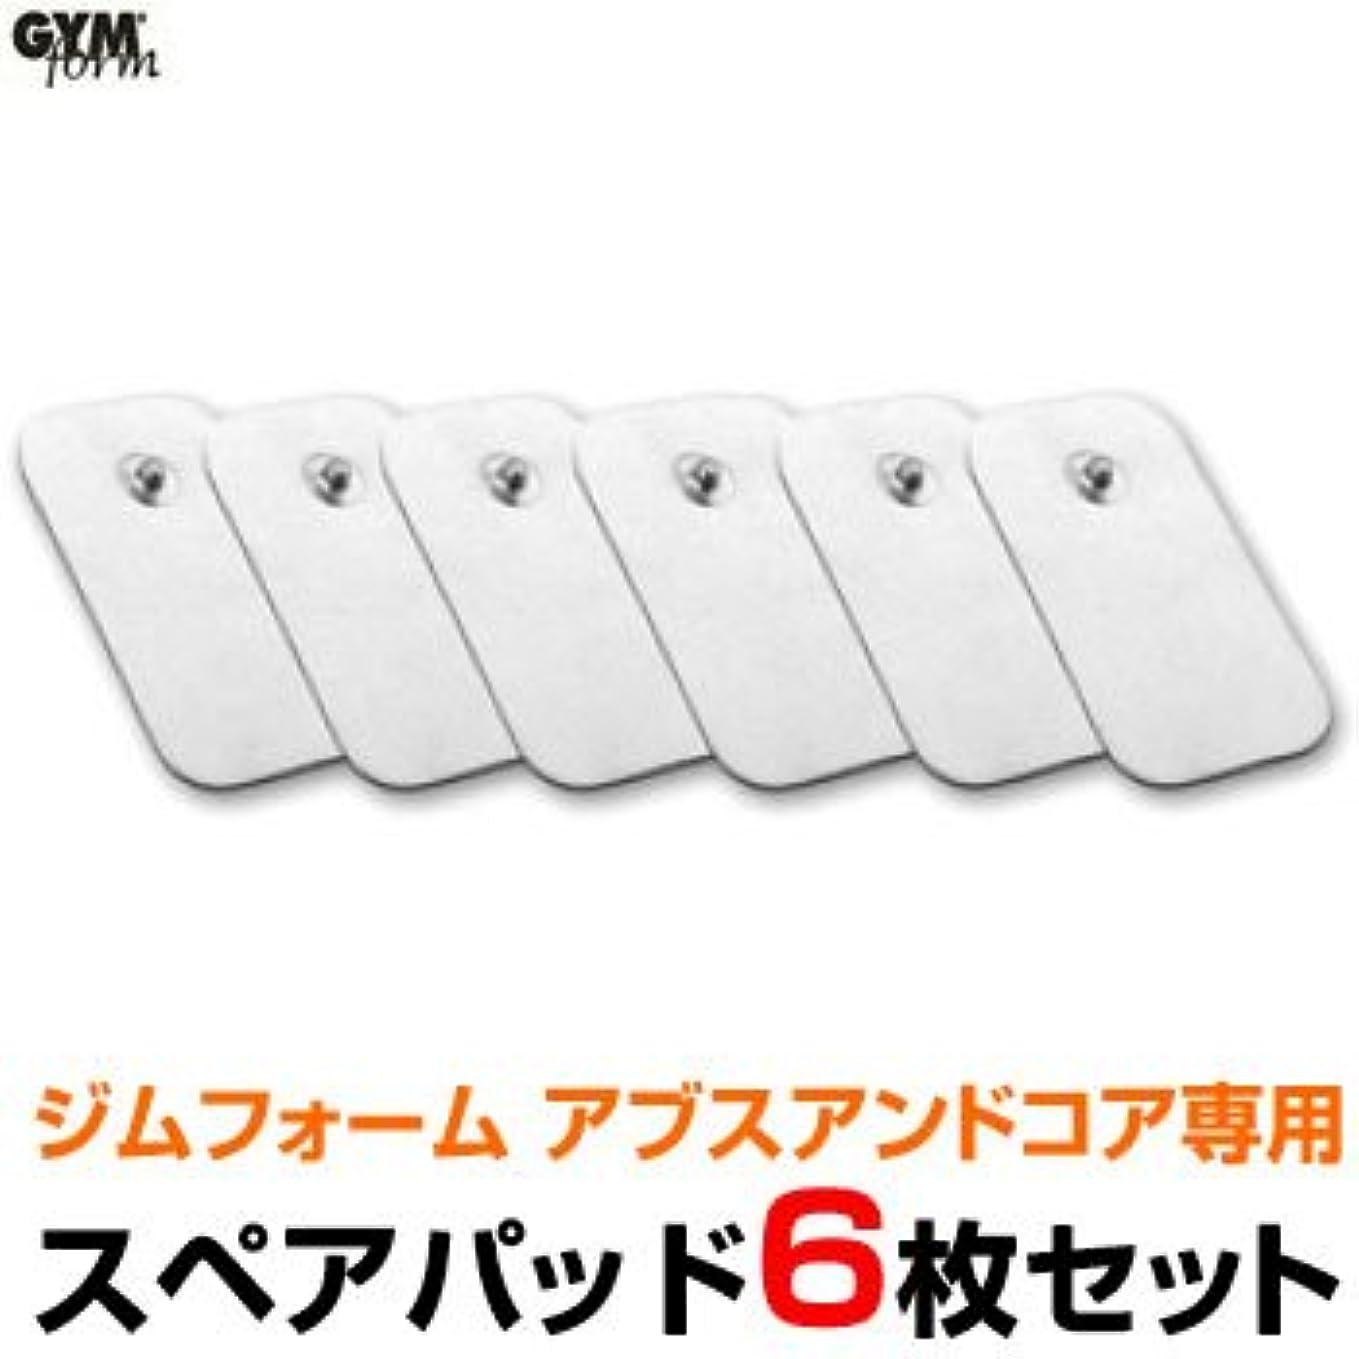 ギター叙情的な天才ジムフォーム アブス&コア専用スペアパッド(GYMform ABS&CORE)6枚セット